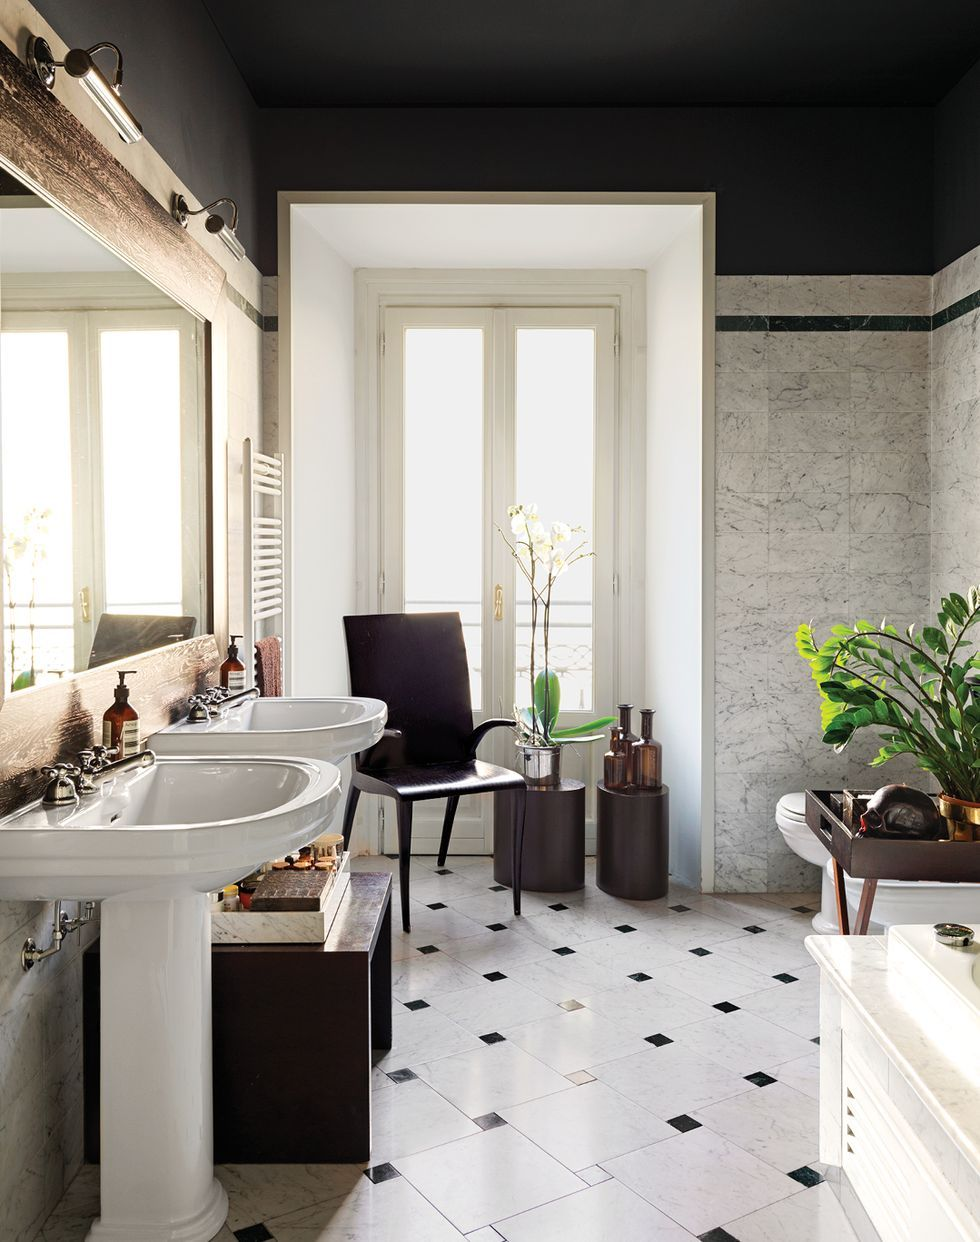 black white bathroom design and tile